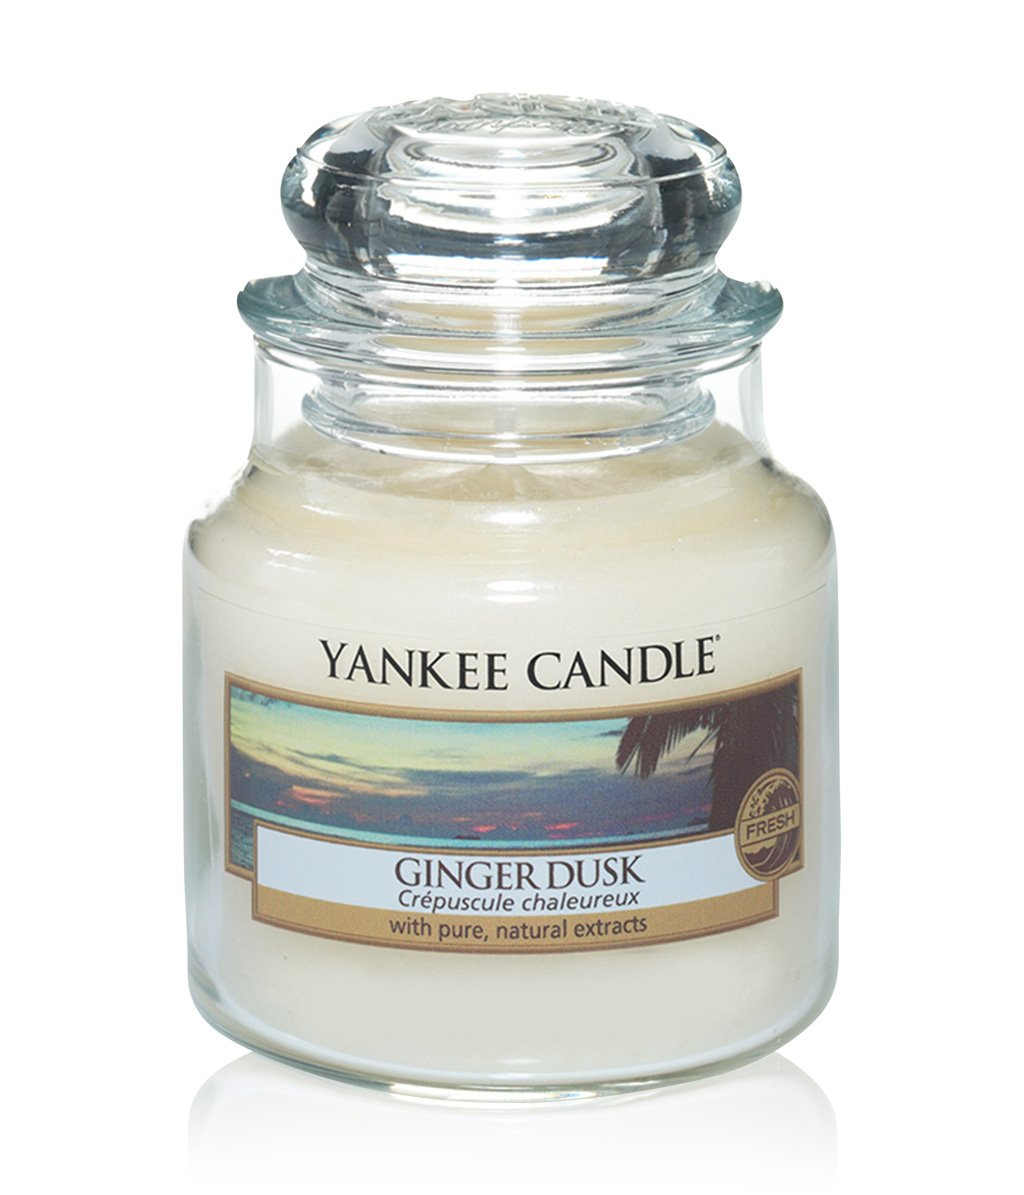 yankee candle housewarmer ginger dusk duftkerze online bestellen flaconi. Black Bedroom Furniture Sets. Home Design Ideas